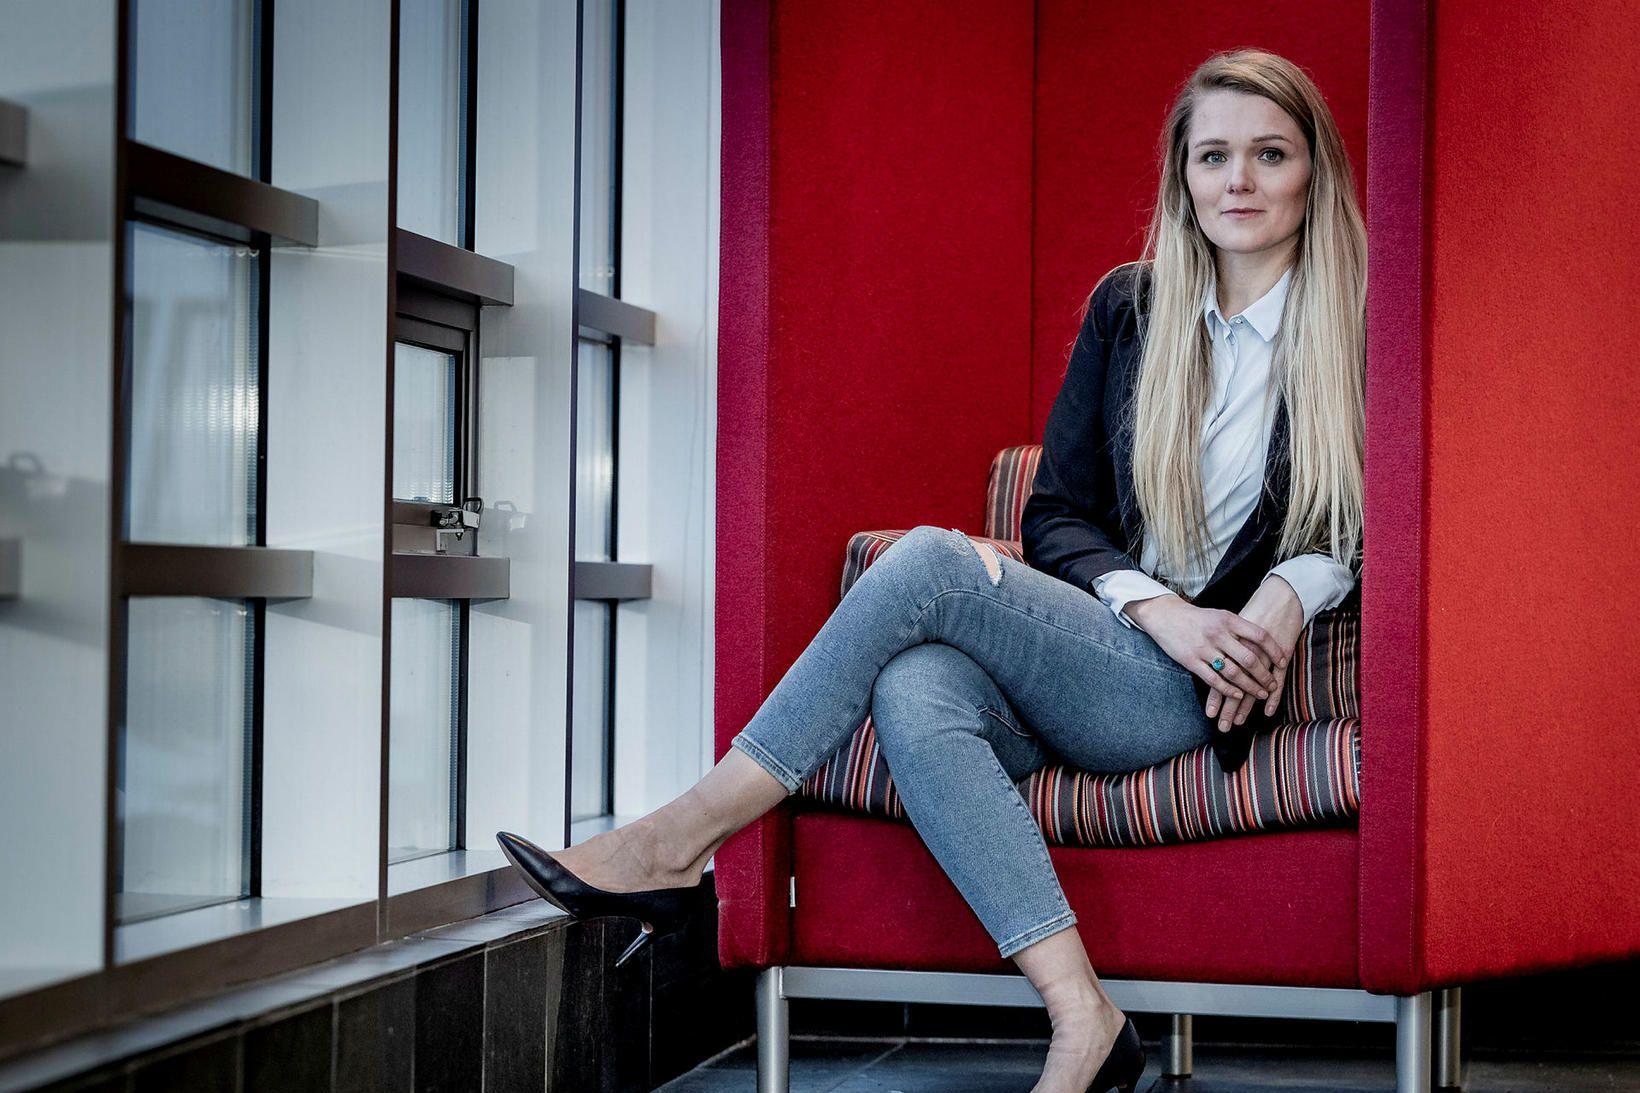 Bergþóra Halldórsdóttir leiðir svið viðskiptaþróunar hjá Íslandsstofu.